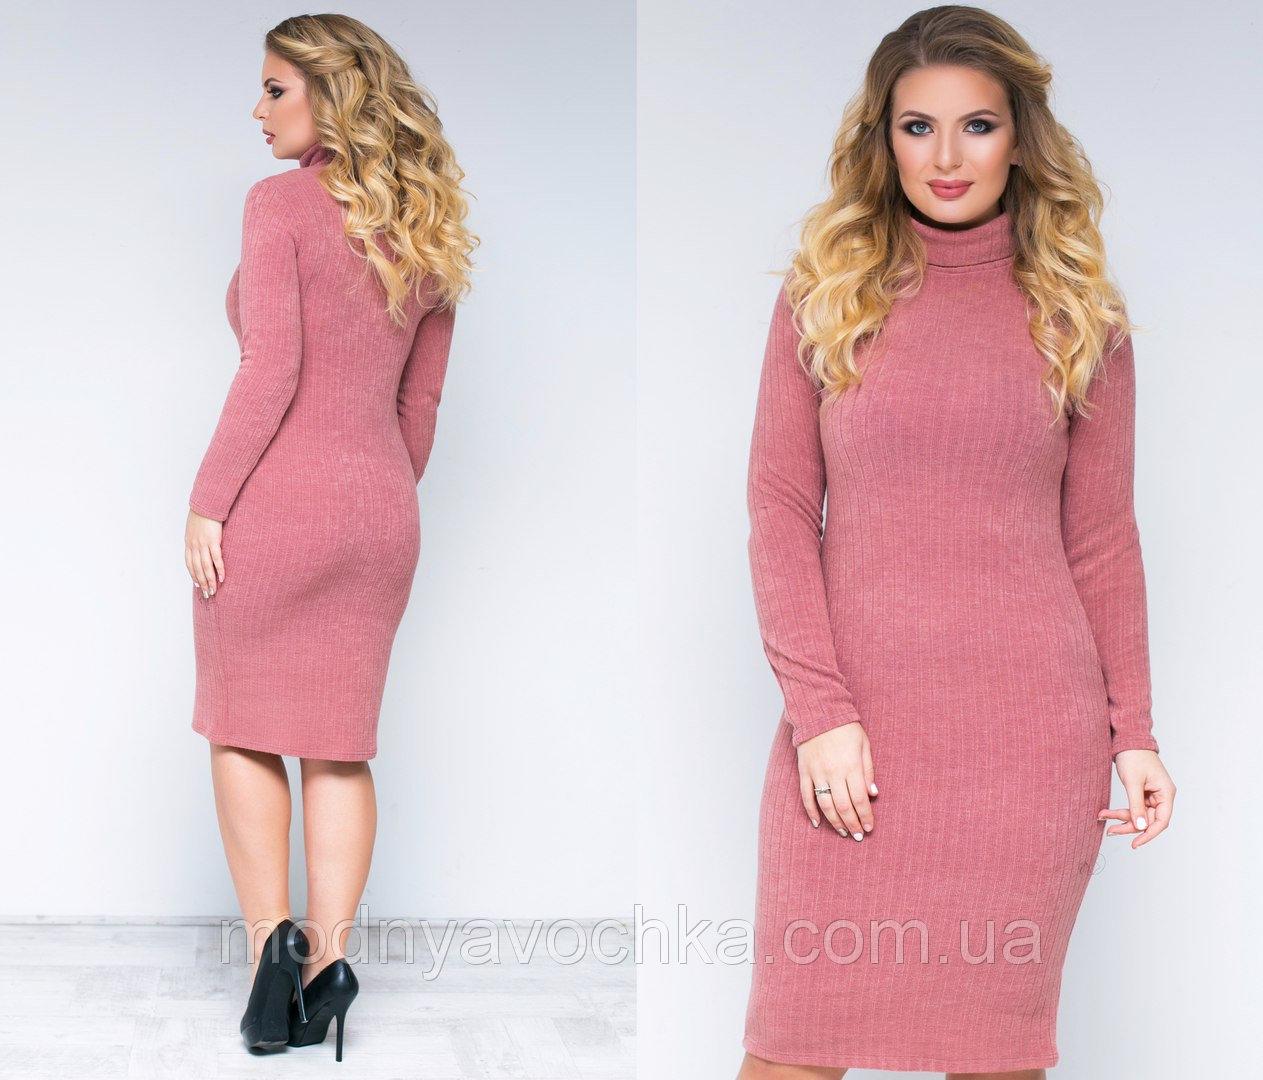 1d3d629f4c5 Молодежное повседневное платье больших размеров - Товары - Интернет ...